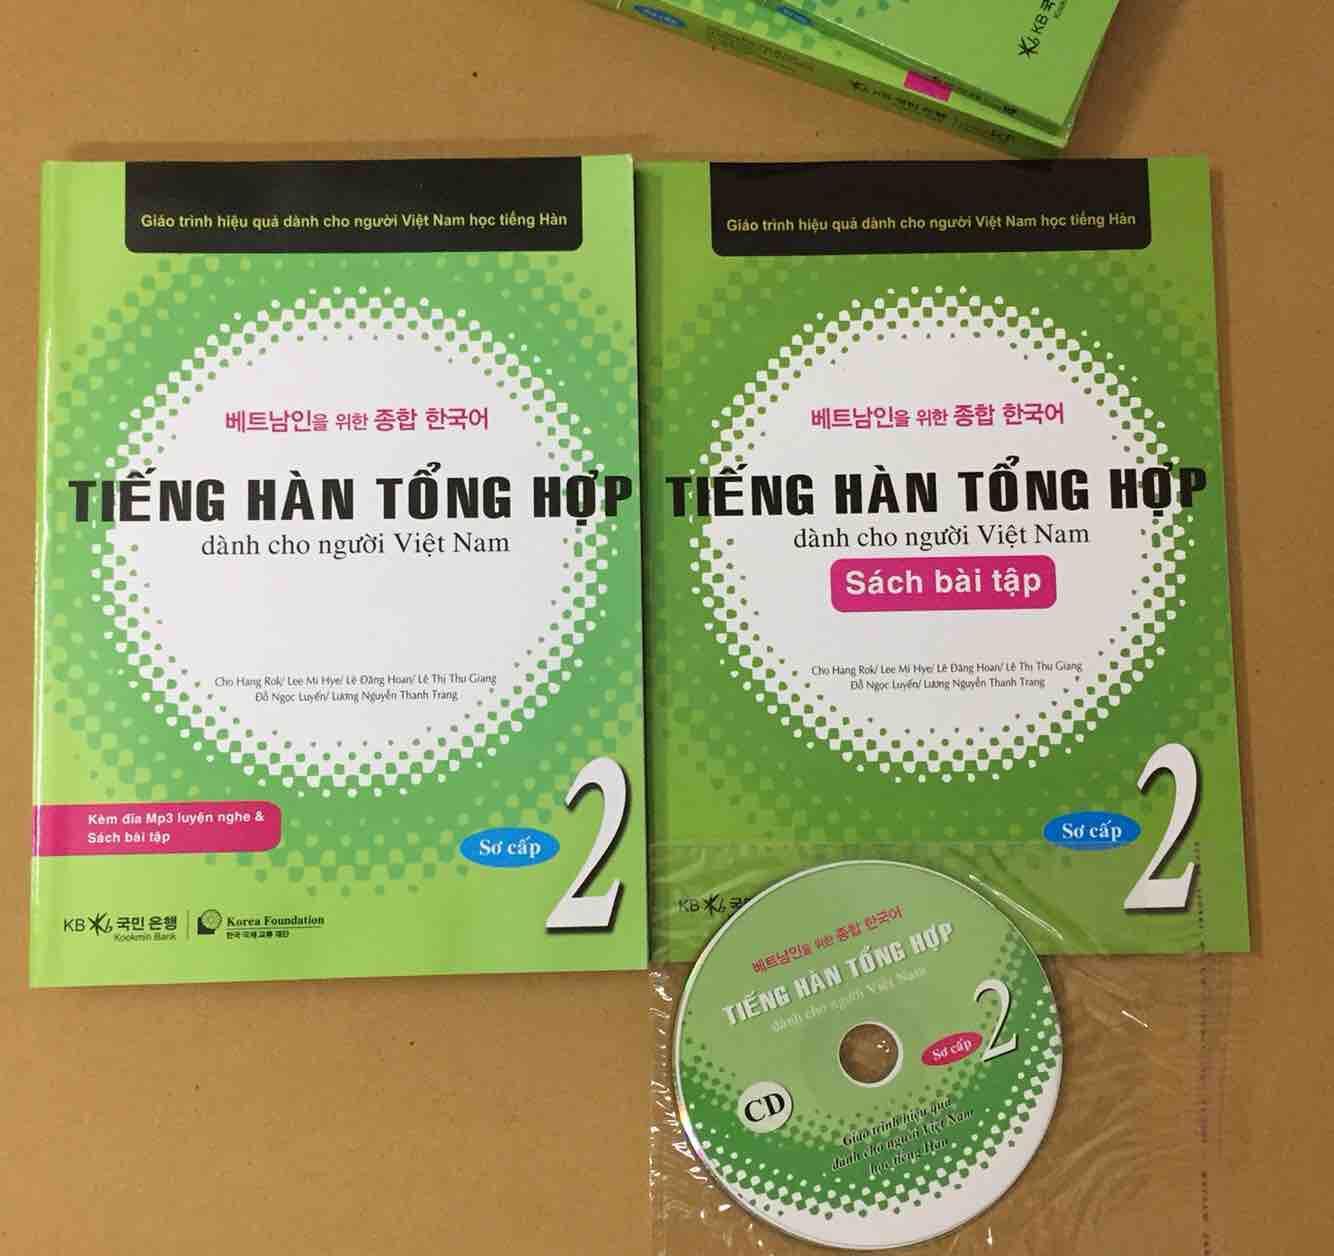 Tiếng Hàn Tổng Hợp Tập 2 ( Sách Học + Bài Tập +cd) Bất Ngờ Ưu Đãi Giá